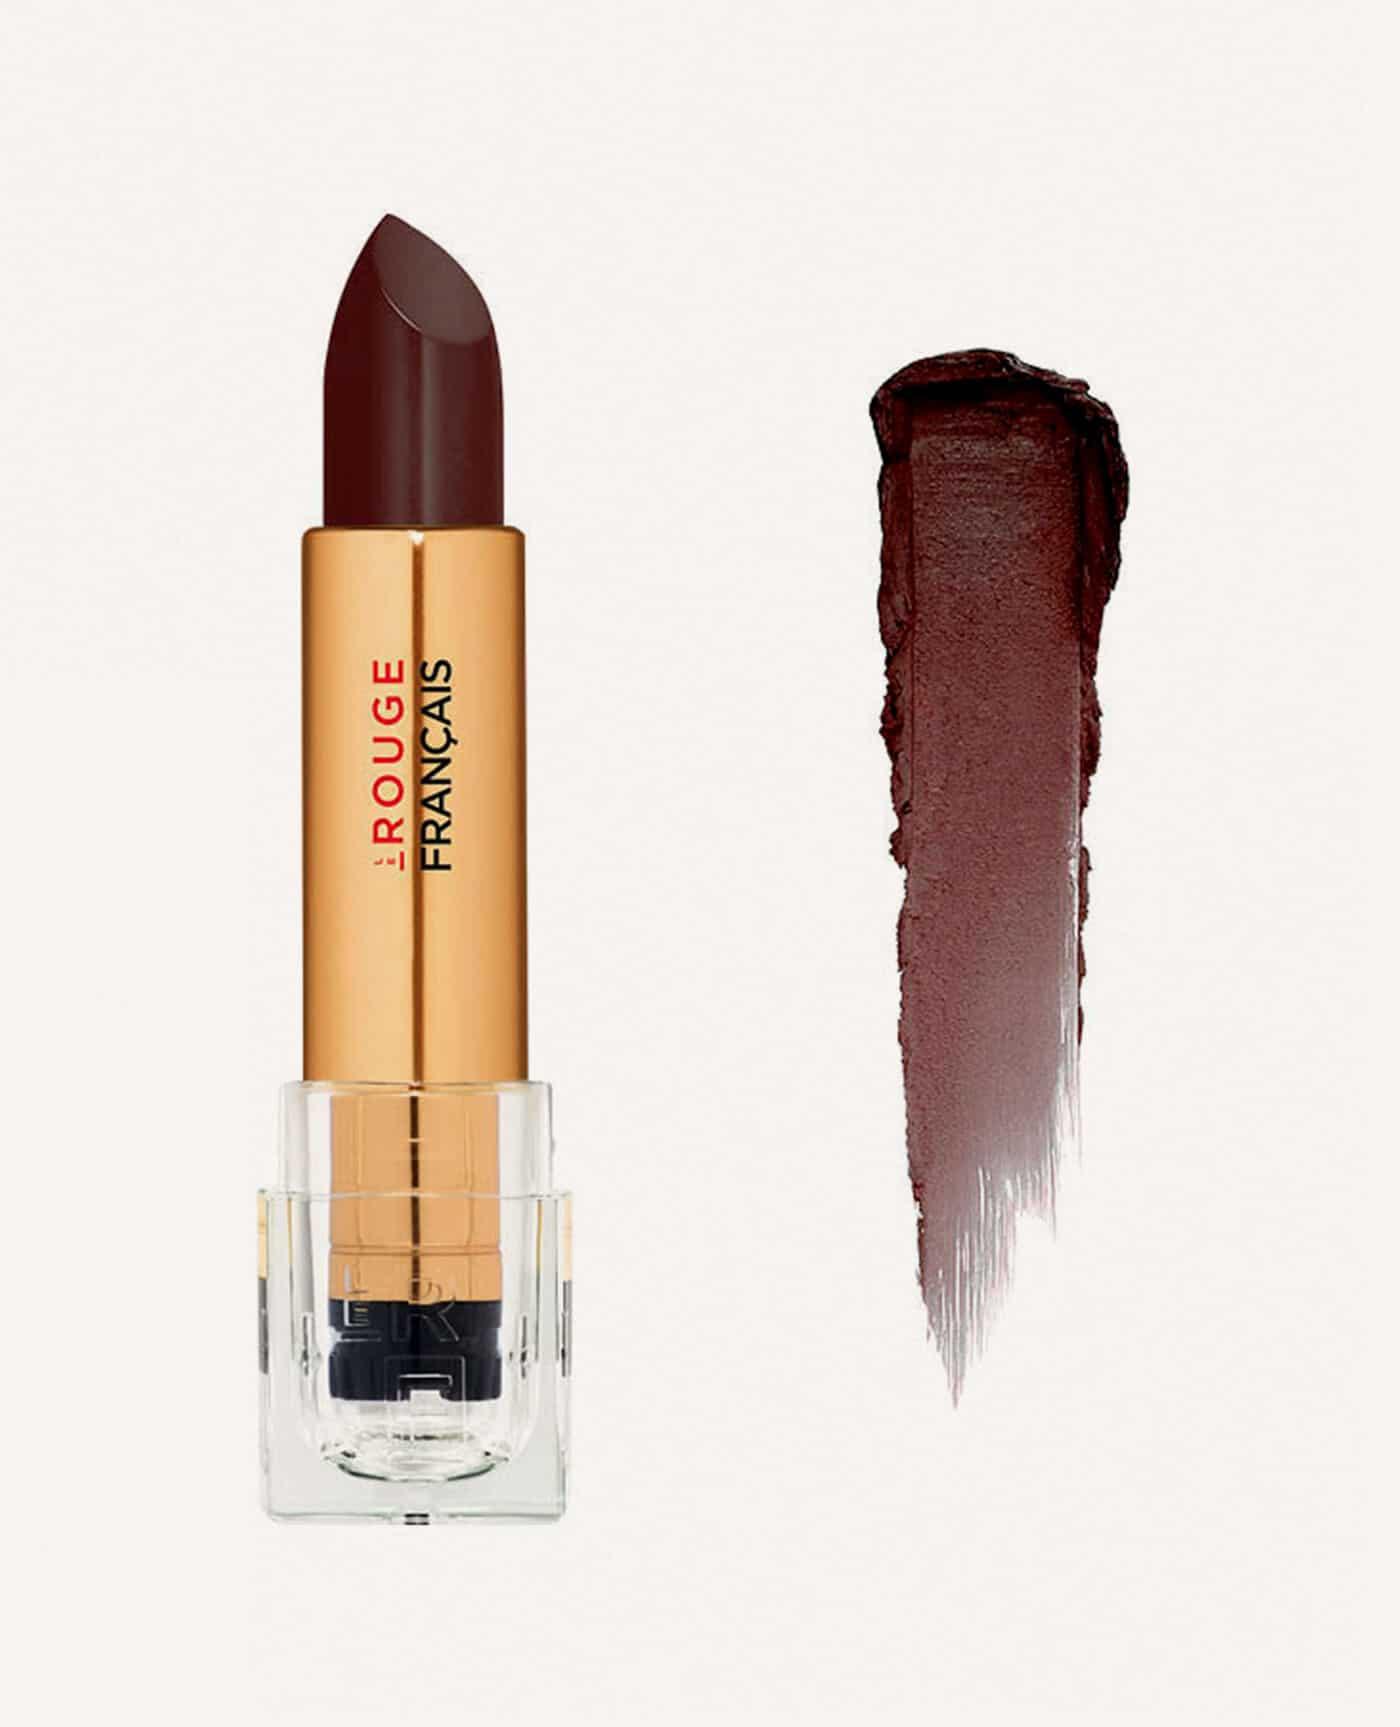 Rouge à lèvres rechargeable Yorouba bio et vegan couleur brun à bordeaux de la marque Le rouge Français Made in France